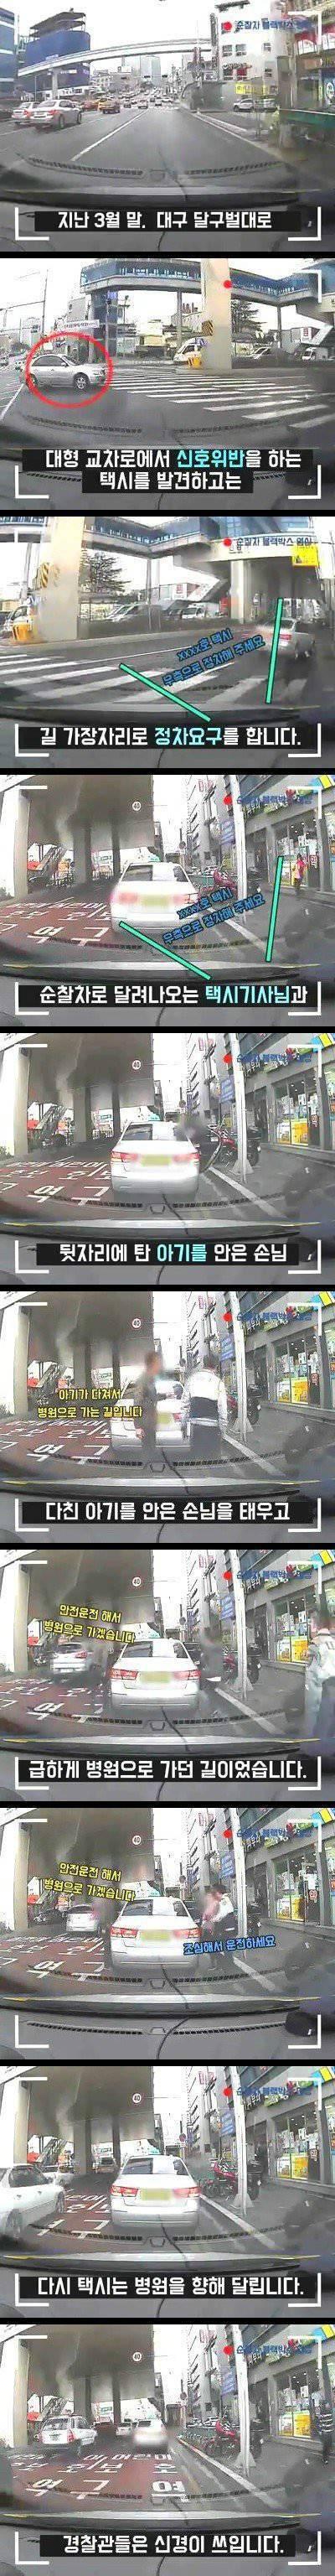 신호위반한 택시를 단속한 경찰 jpg | 인스티즈